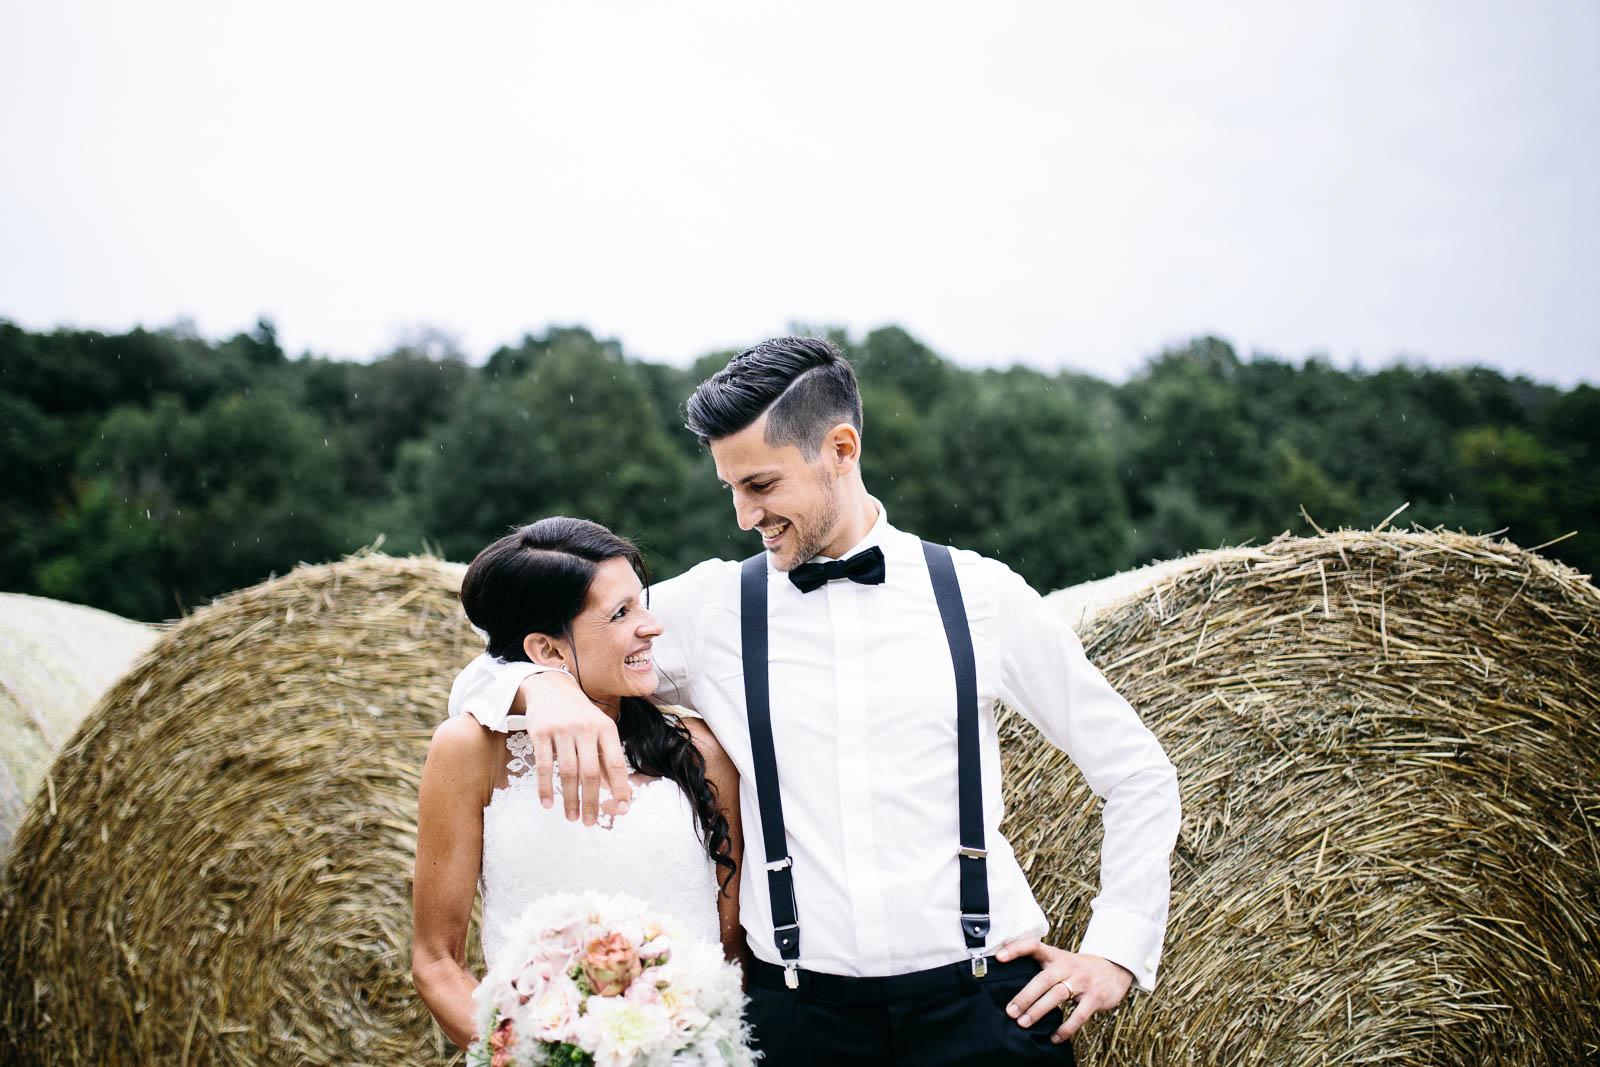 foxografie_wedding-shooting_sommerhochzeit_schloss-jaegersbrurg_img_4579